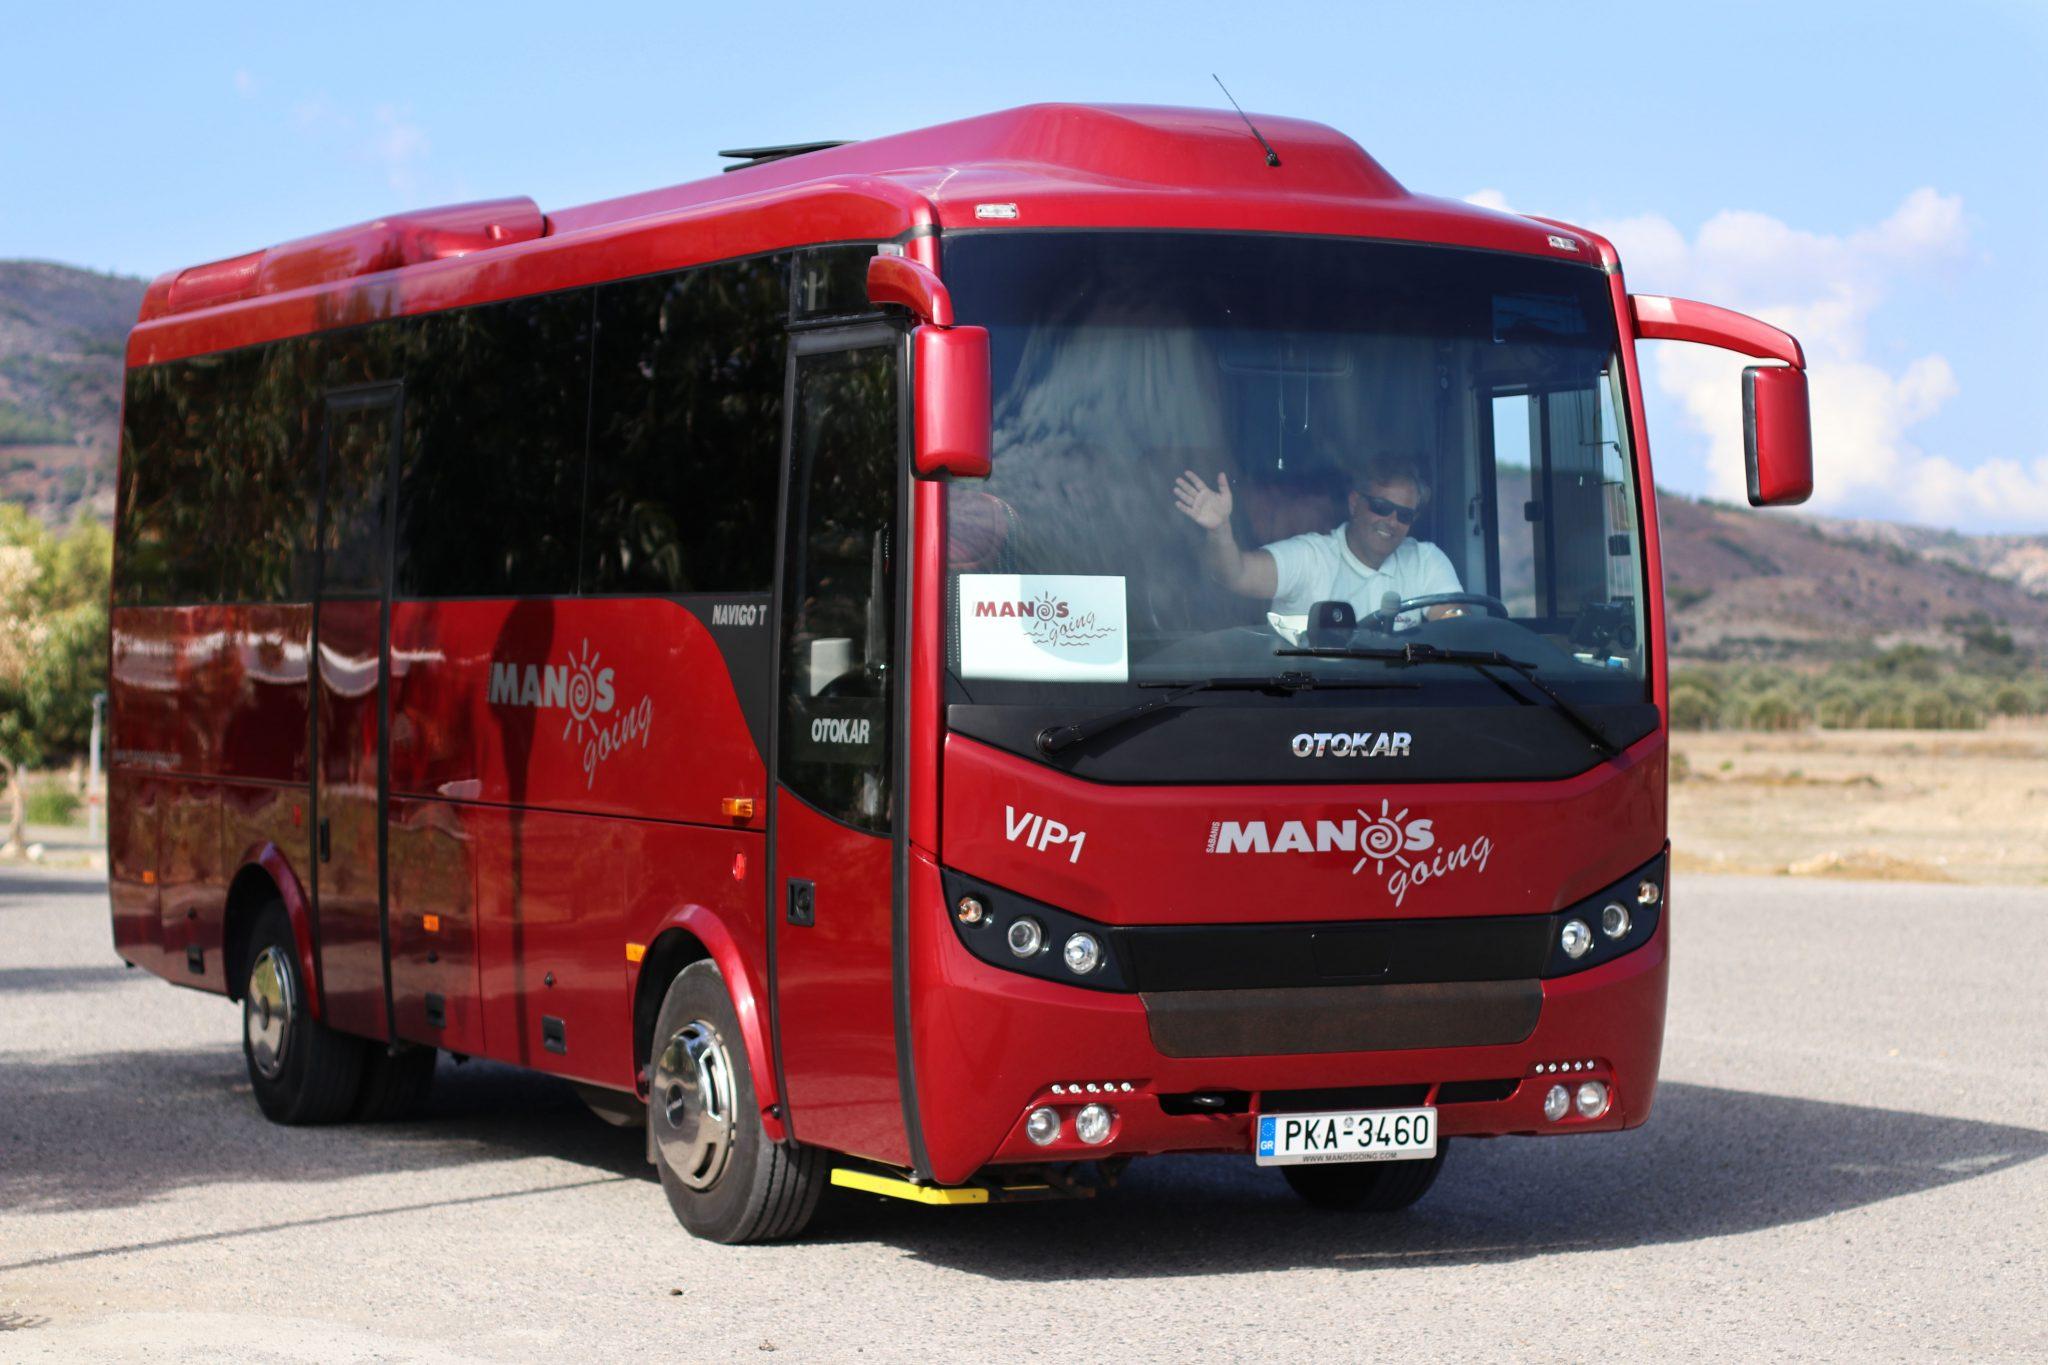 Manos Going red signature coach